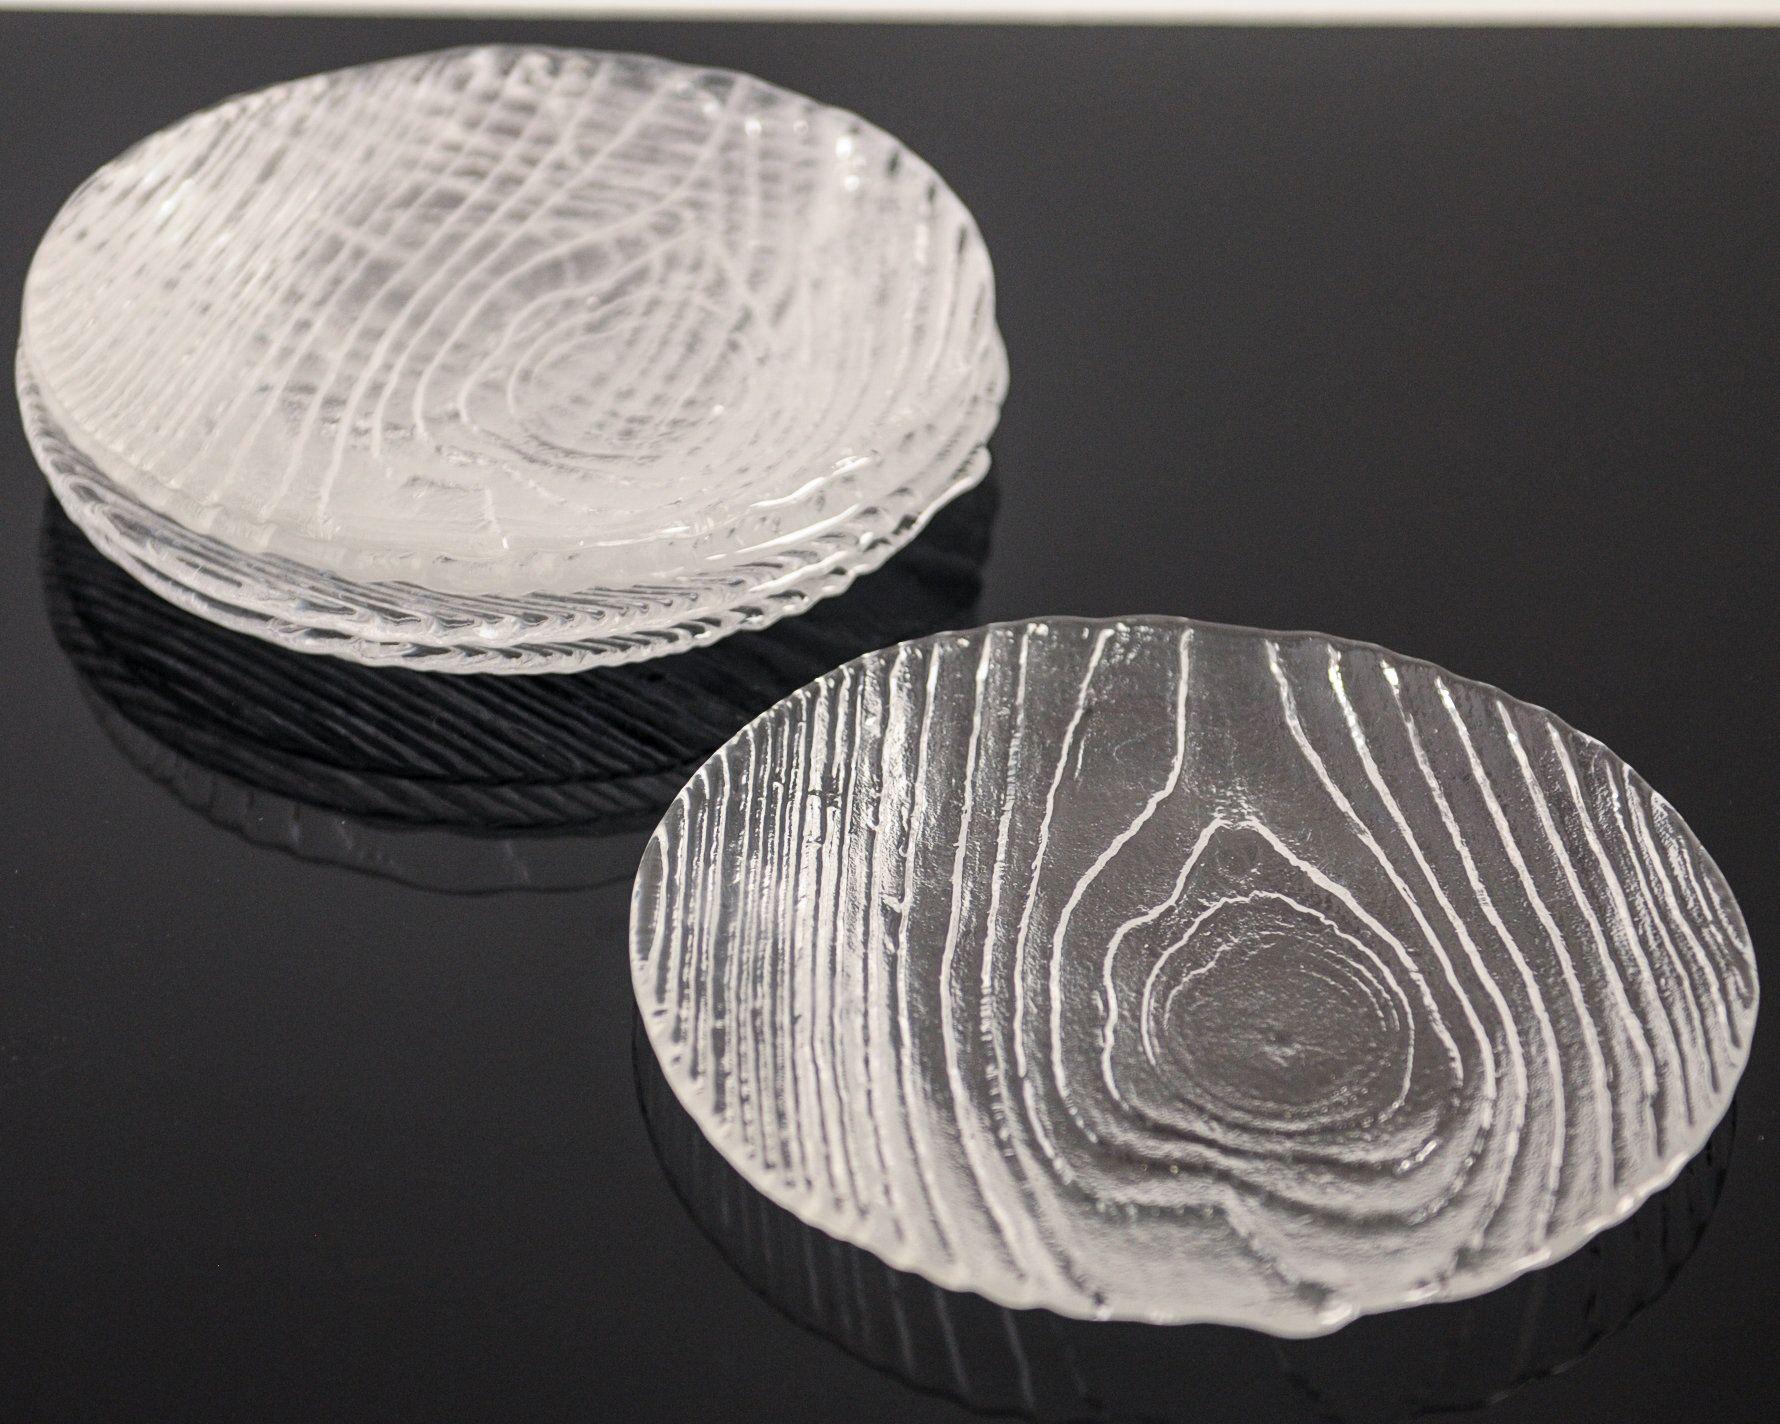 Mid Century Swedish Glass Plates Bengt Edenfalk Drivved Driftwood Swedish Modern Scandinavian Style Set Of 5 Glass Plates Scandinavian Style Plates